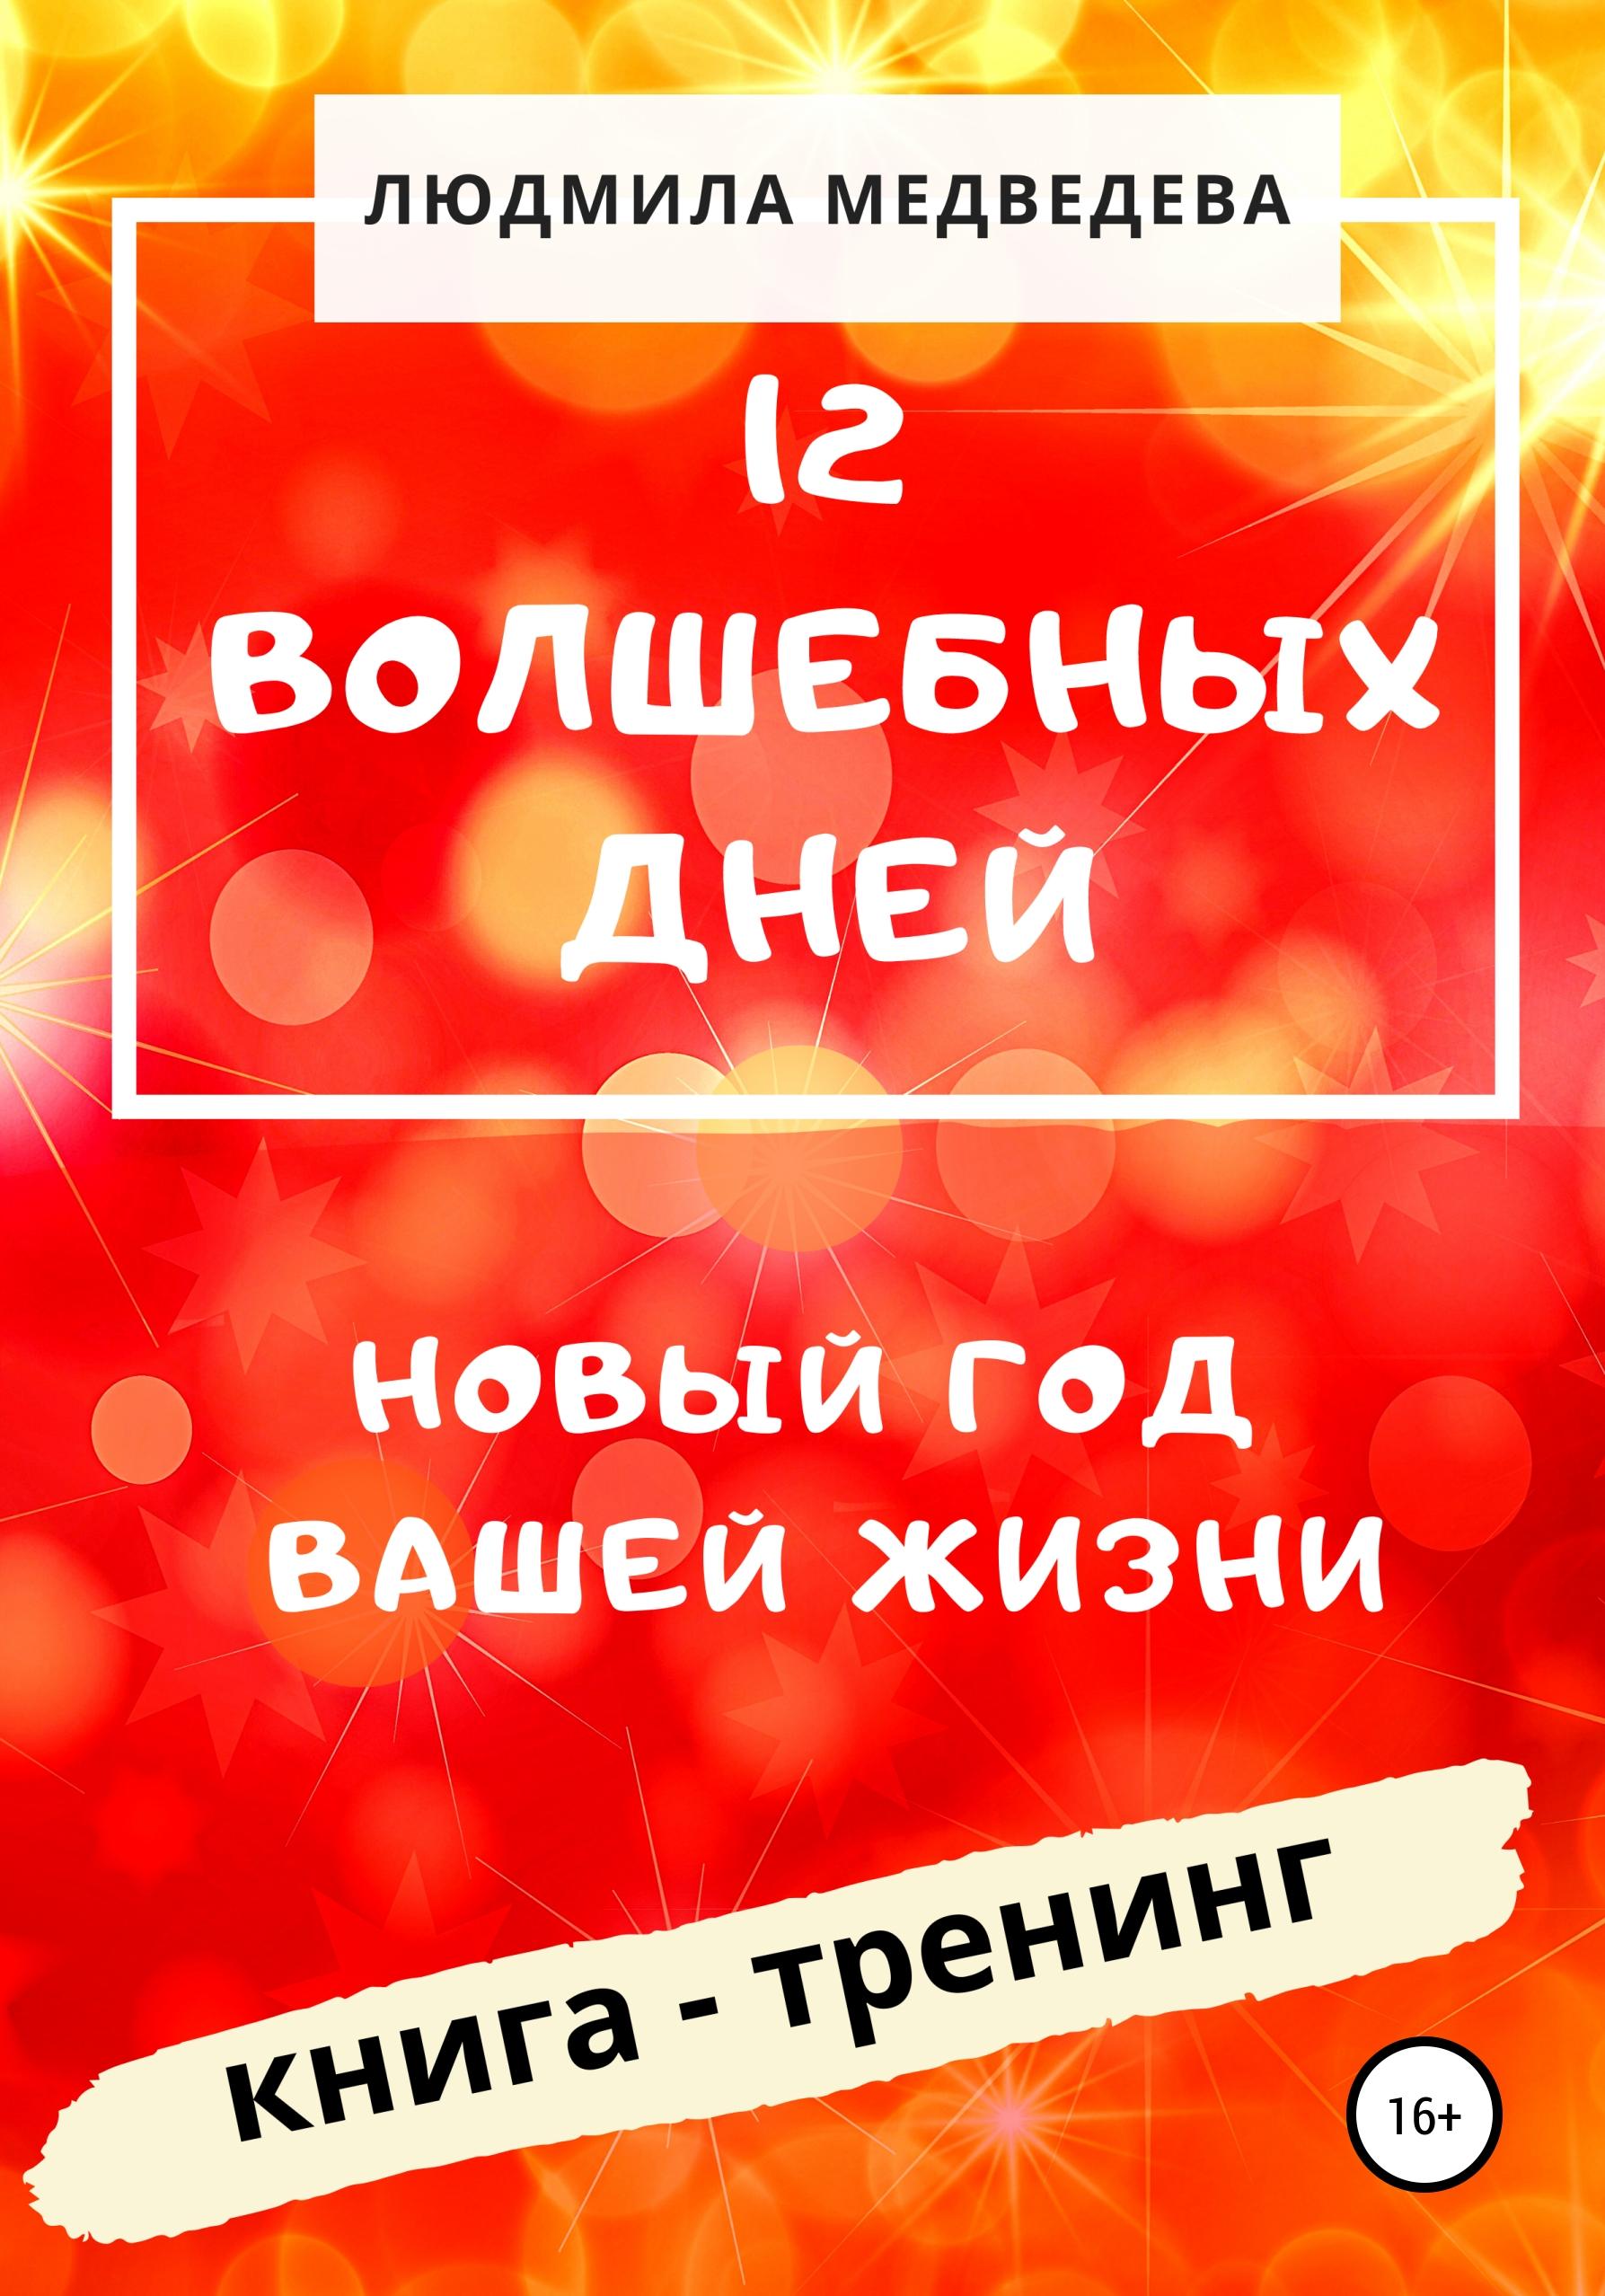 Купить книгу 12 Волшебных дней. Книга-тренинг, автора Людмилы Медведевой